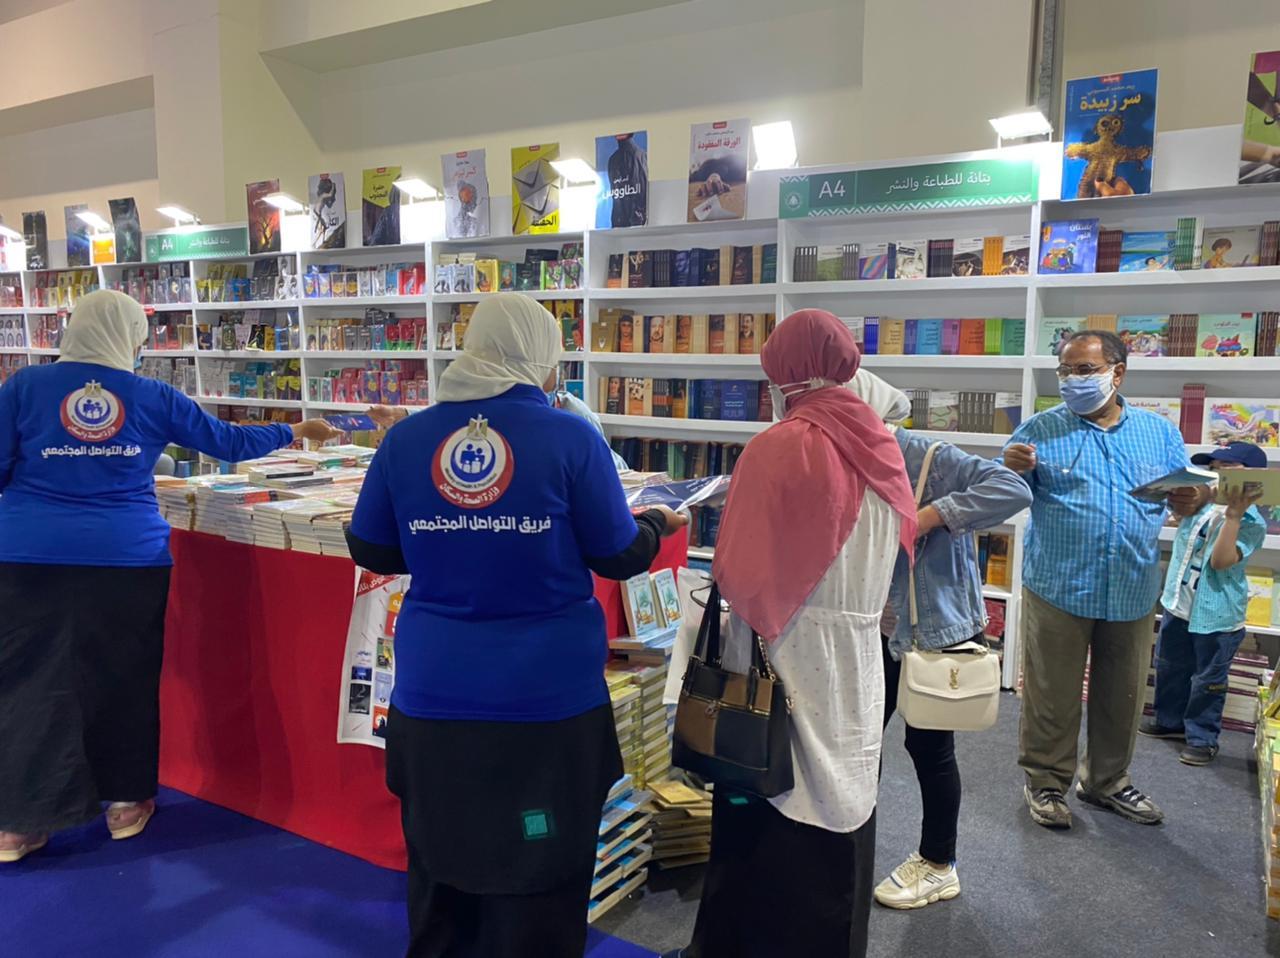 وزيرة الصحة: تقديم الخدمات الطبية والوقائية لأكثر من 250 ألف زائر ومشارك بمعرض الكتاب حتى اليوم